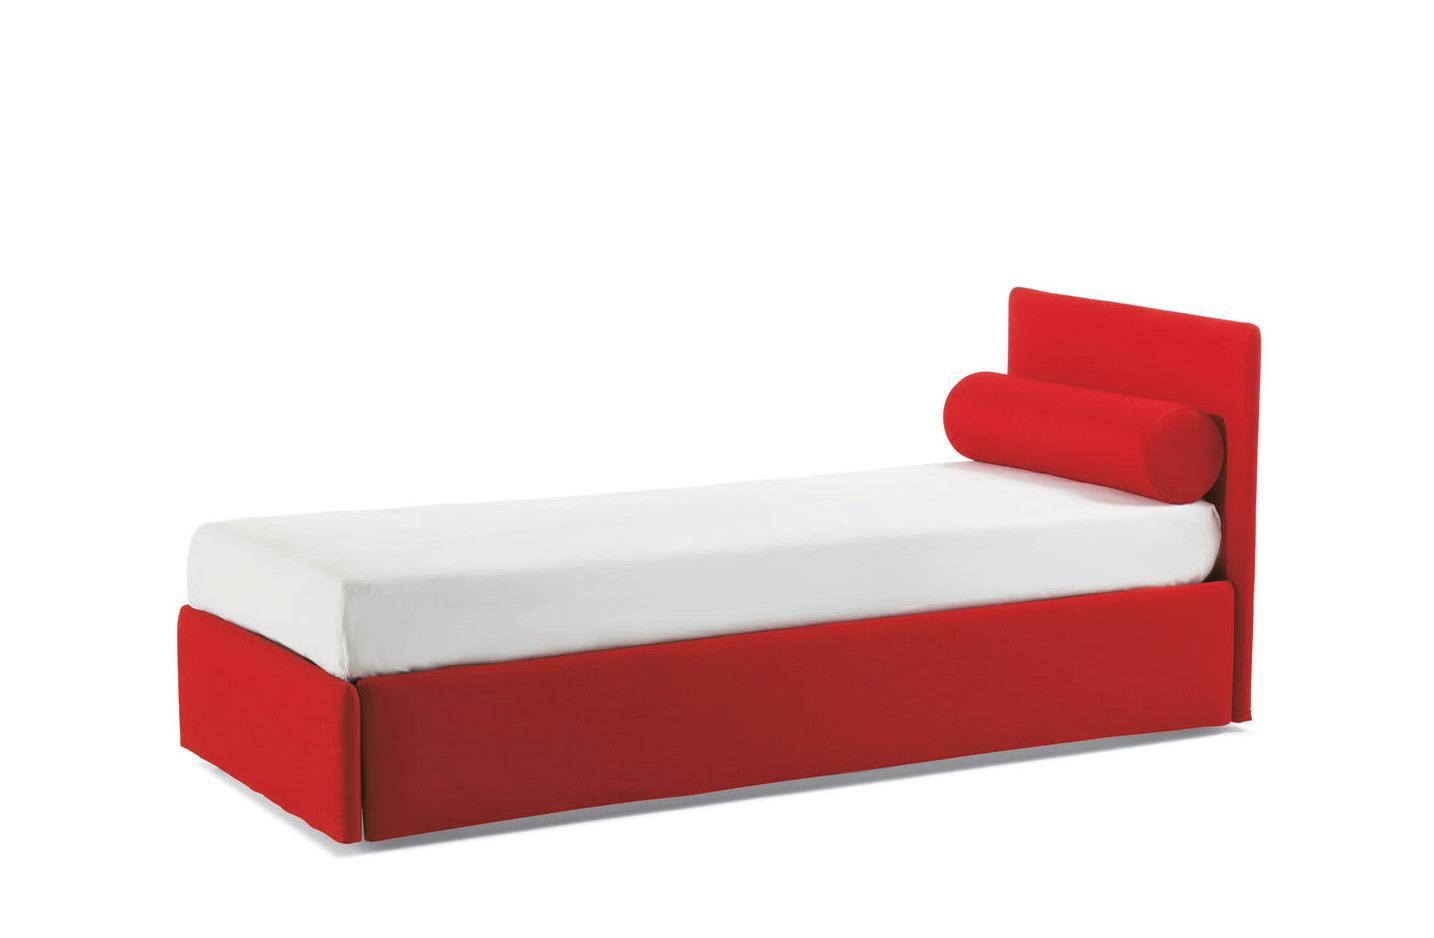 Bontempi duplo lit lits une place for Lit une place dimension